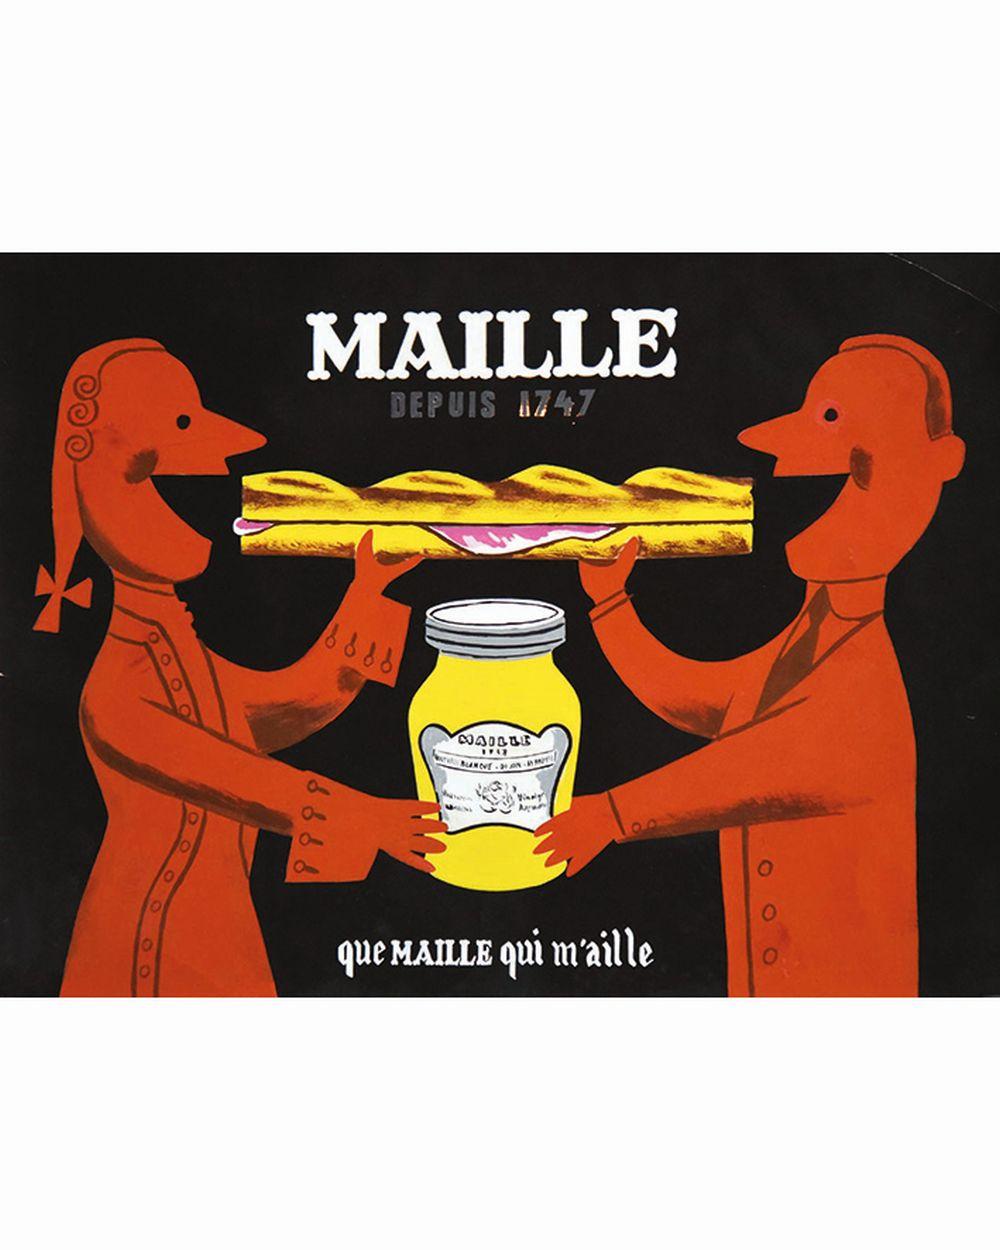 MORVAN HERVE (non signé / unsigned) - Maille depuis 1747 Que Maille qui m'aille. Gouache sur Photo / Gouache on a photograph       Dijon (Côte-d'Or)